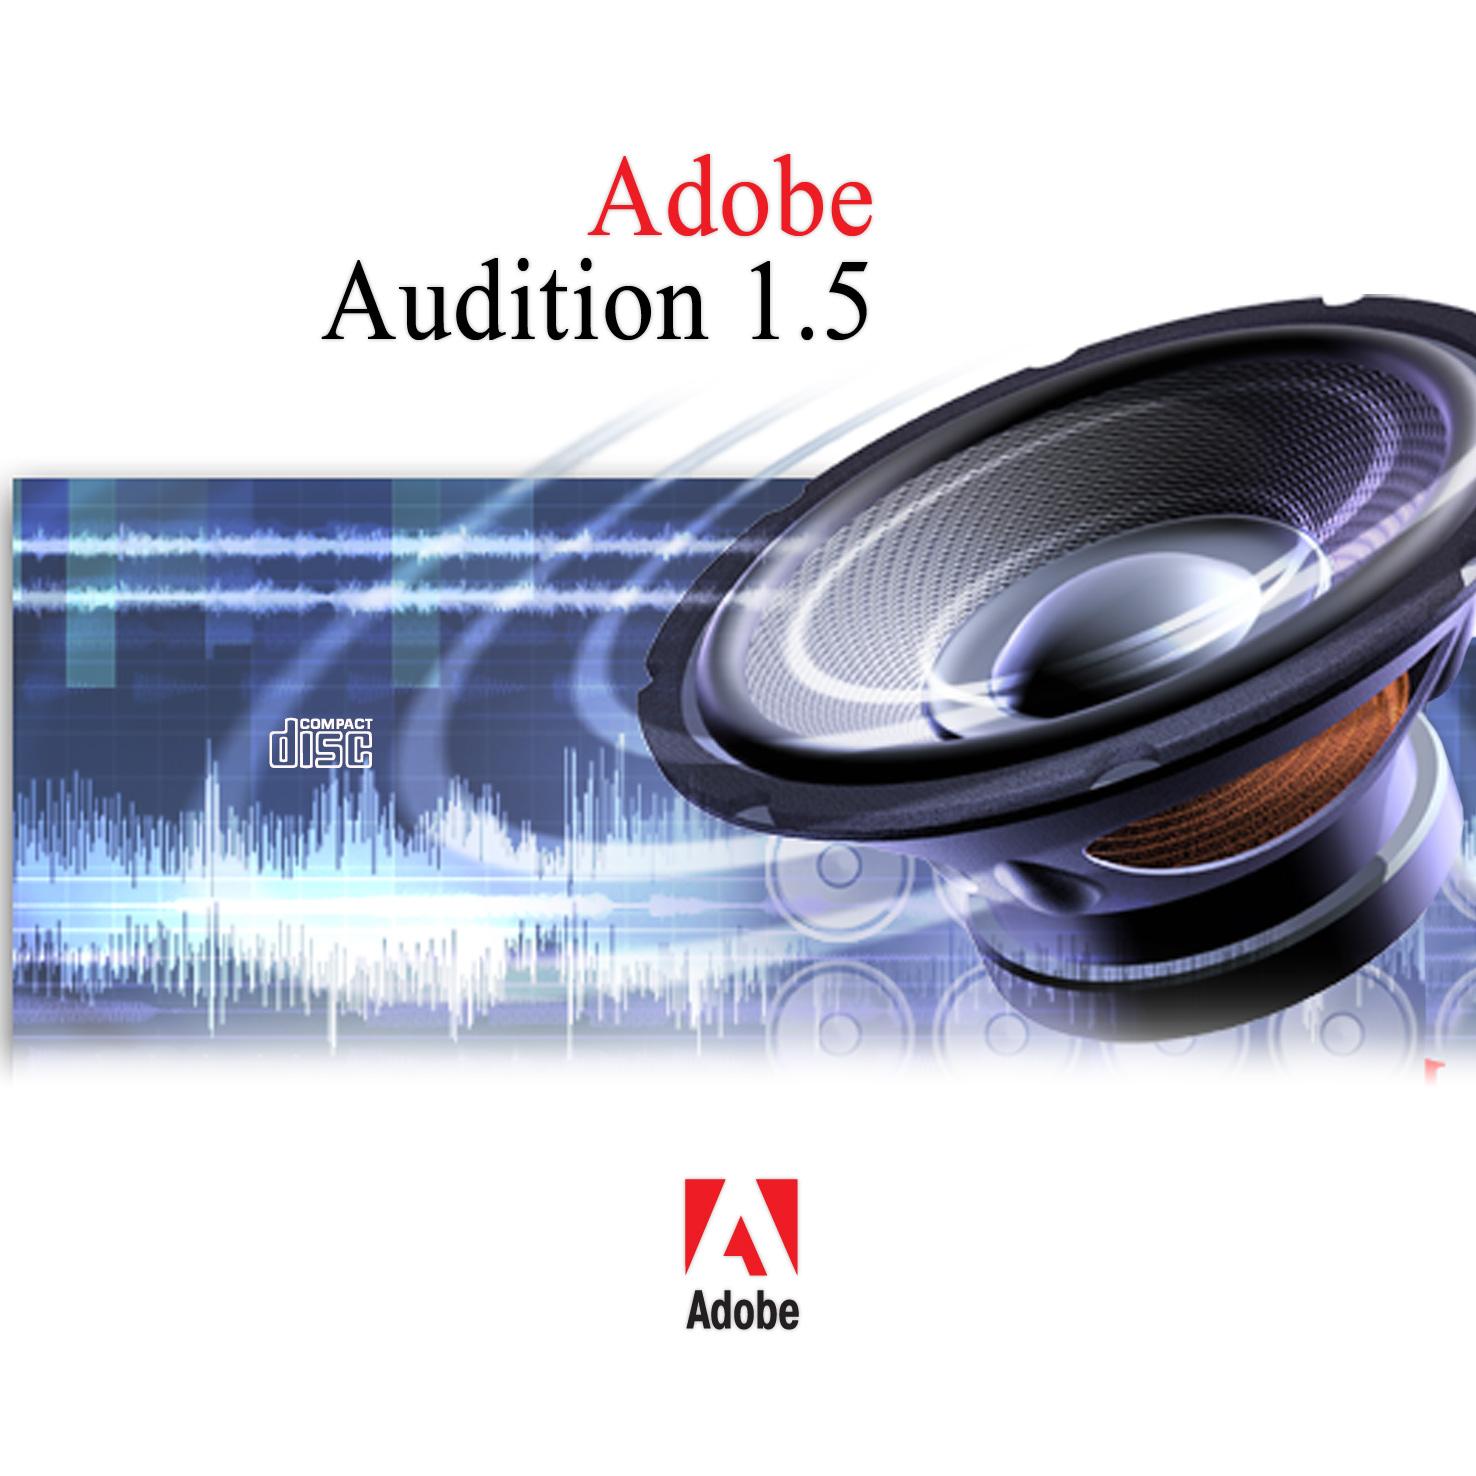 ADOBE AUDITION 1.5 СКАЧАТЬ БЕСПЛАТНО